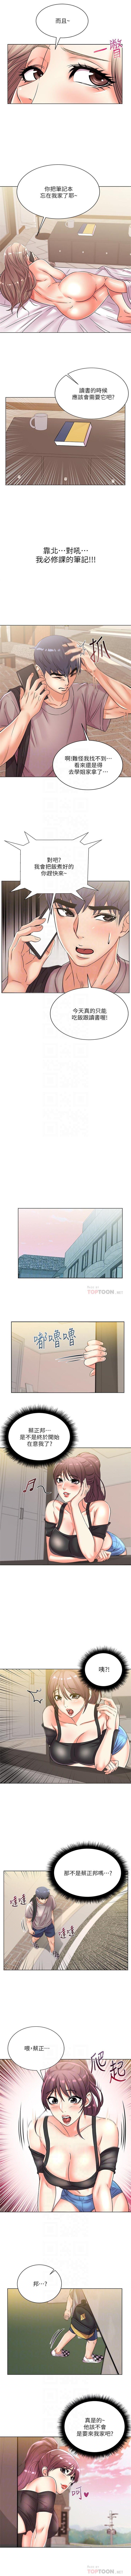 (週3)超市的漂亮姐姐 1-22 中文翻譯(更新中) 116